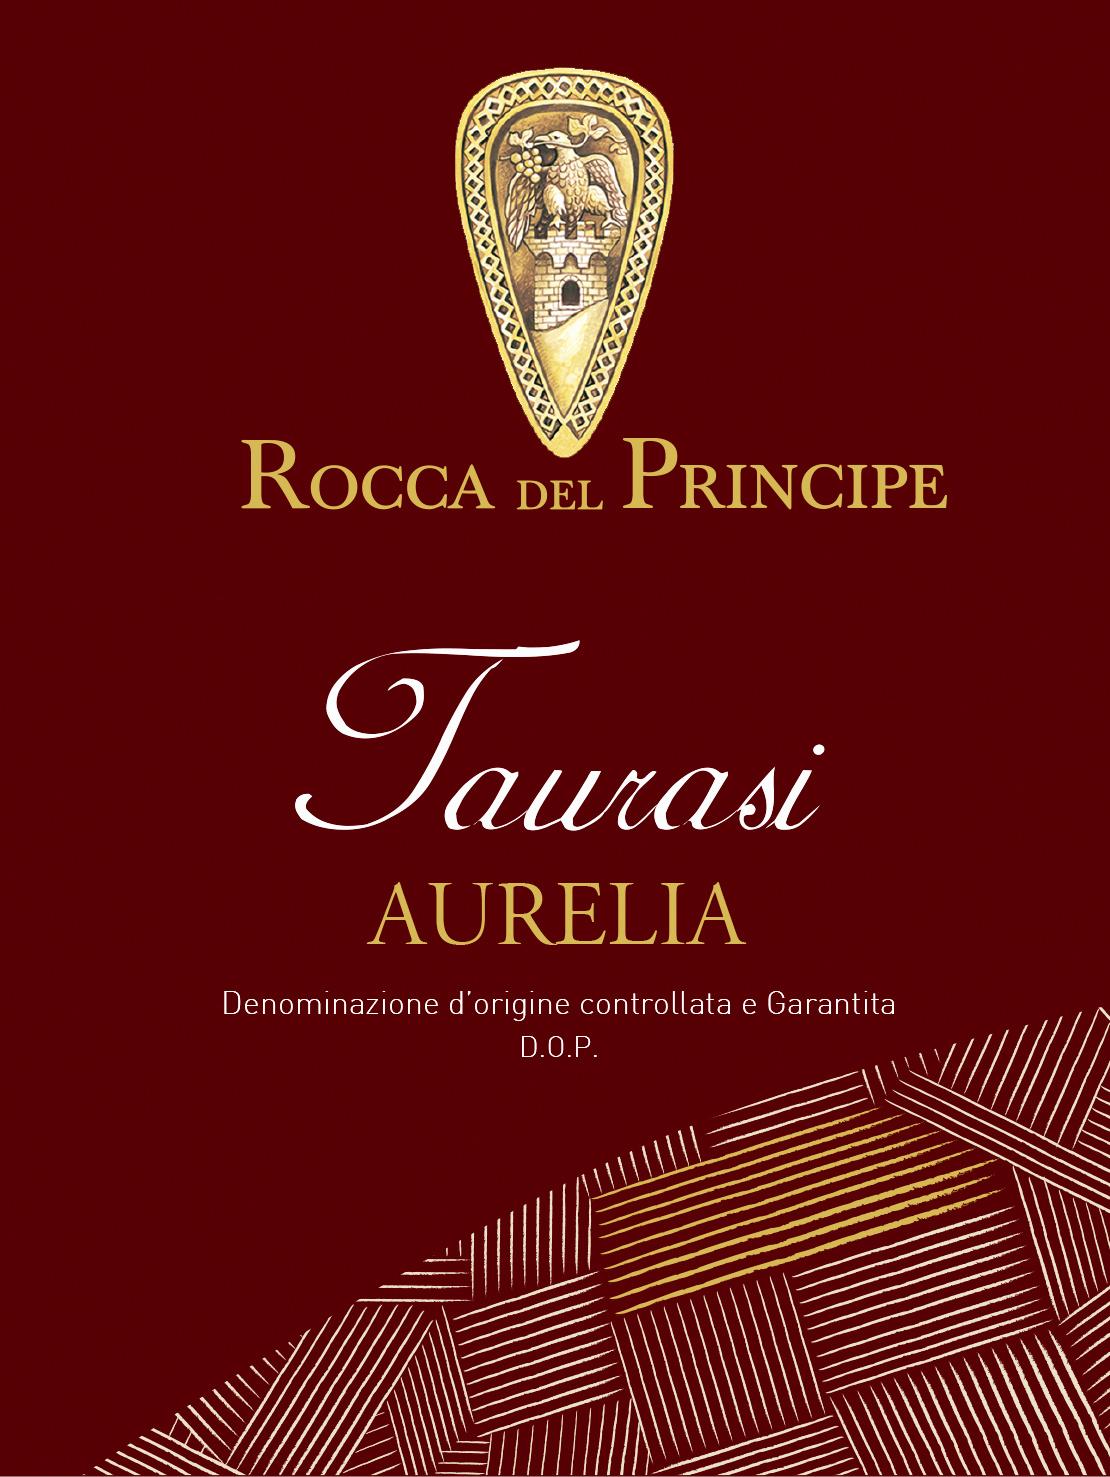 Rocca del Principe, Taurasi Aurelia, 2017